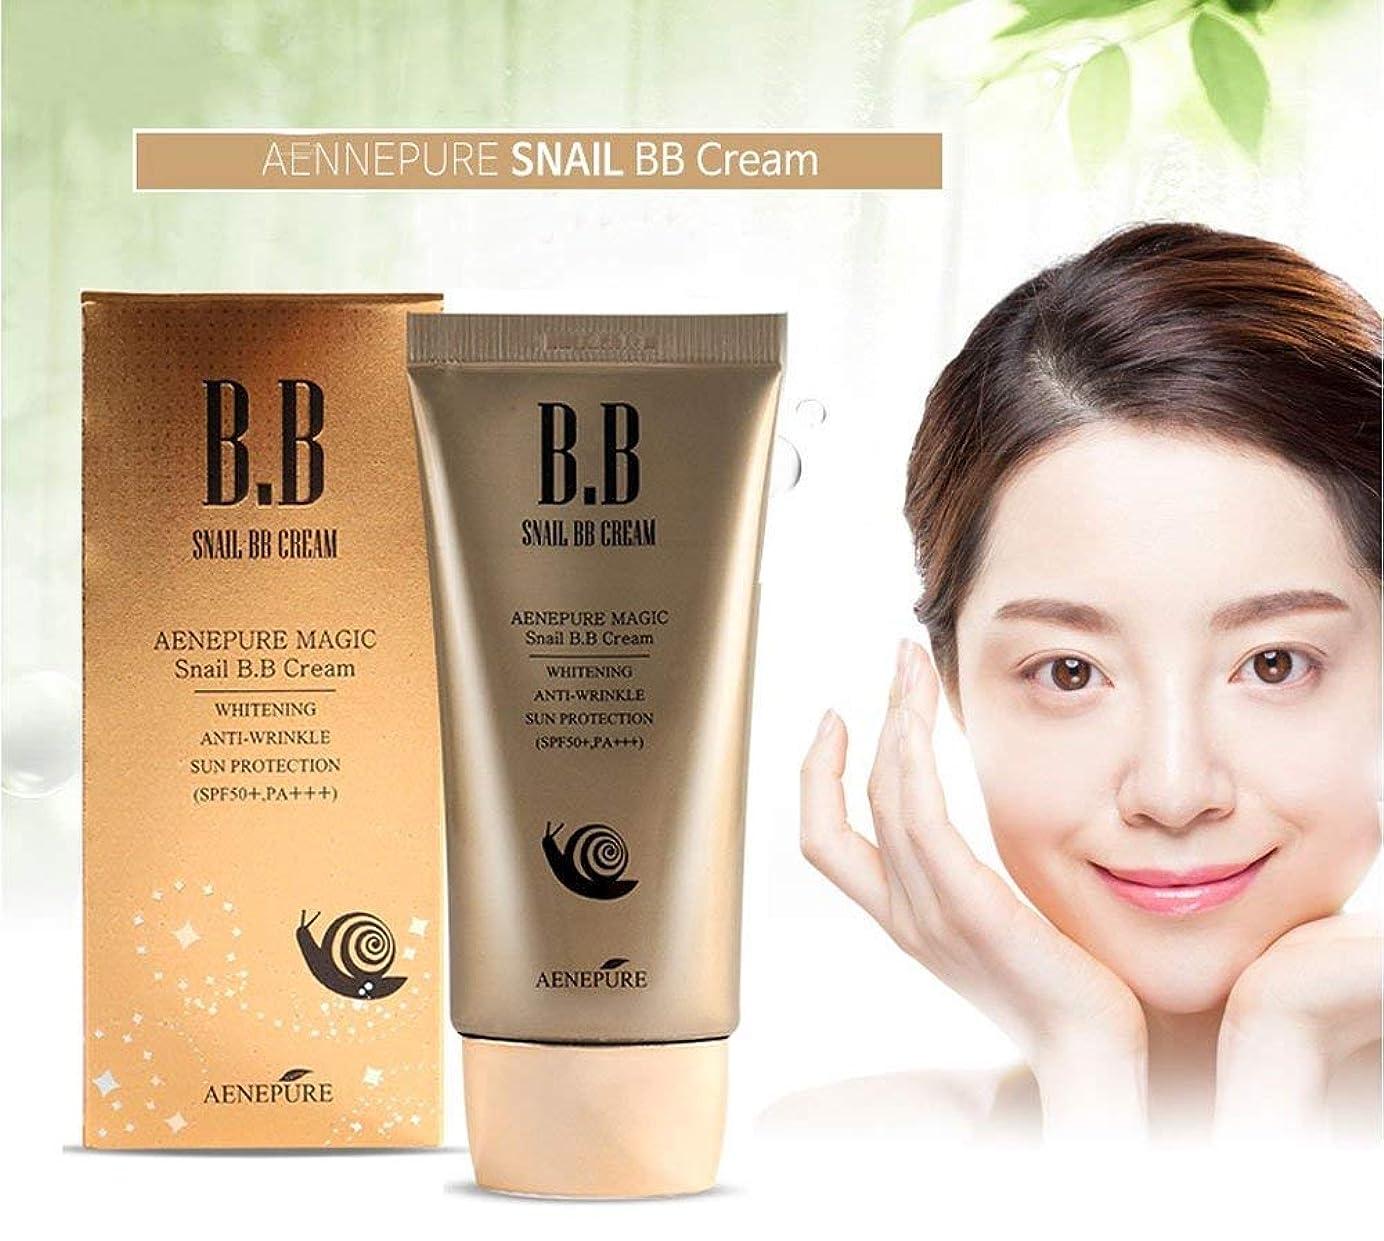 刺す不十分な政治家の[Aenepure] カタツムリBBクリームSPF50の+、PA +++ / Snail BB cream SPF50+, PA +++ / ホワイトニング、アンチリンクル、日焼け防止 / Whitening, Anti-Wrinkle,Sun protection / 韓国化粧品 / Korean Cosmetics [並行輸入品]